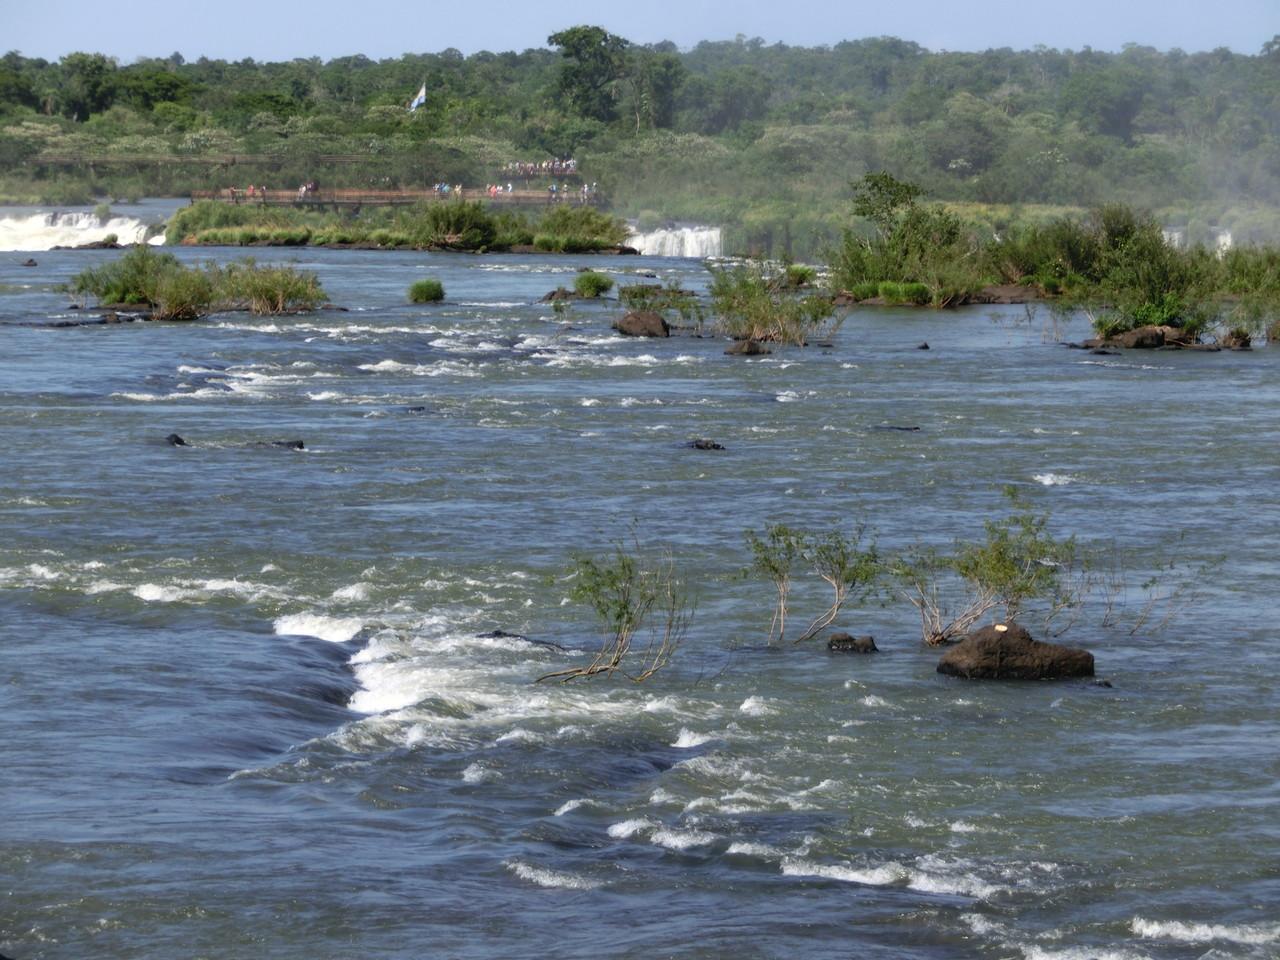 Der Oberlauf des Rio Iguazú